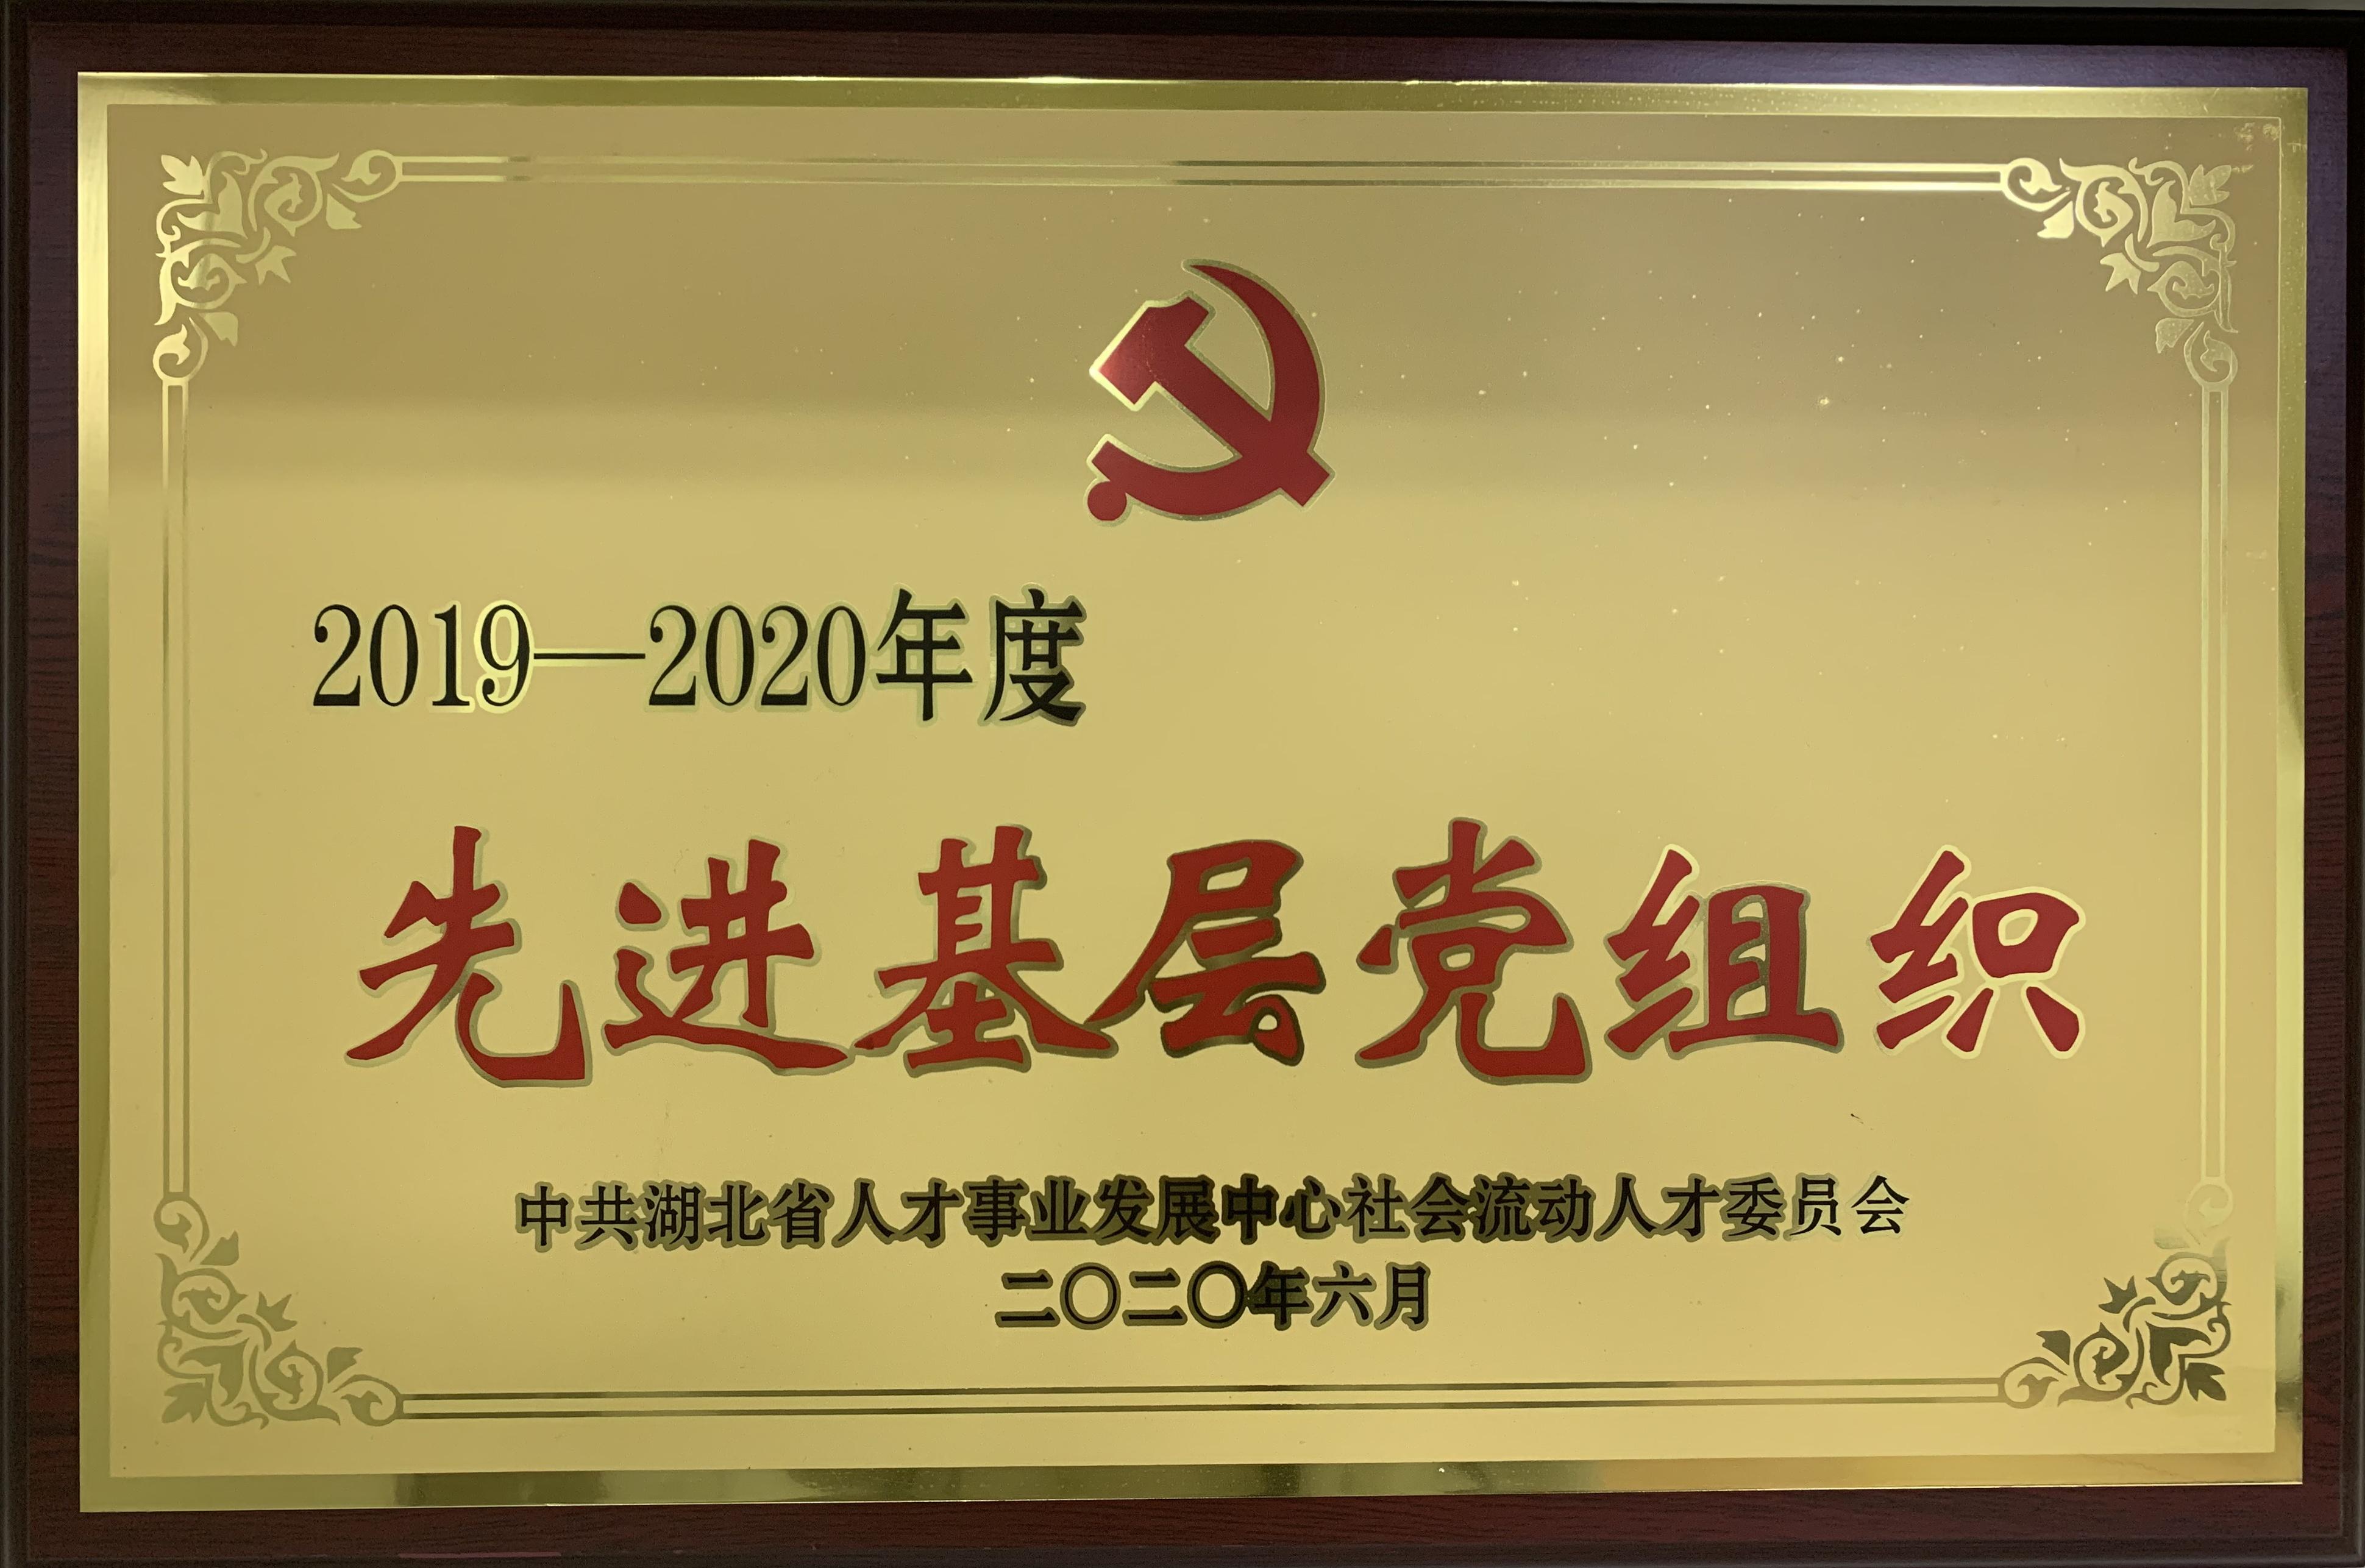 2019~2020年度先进基层党组织